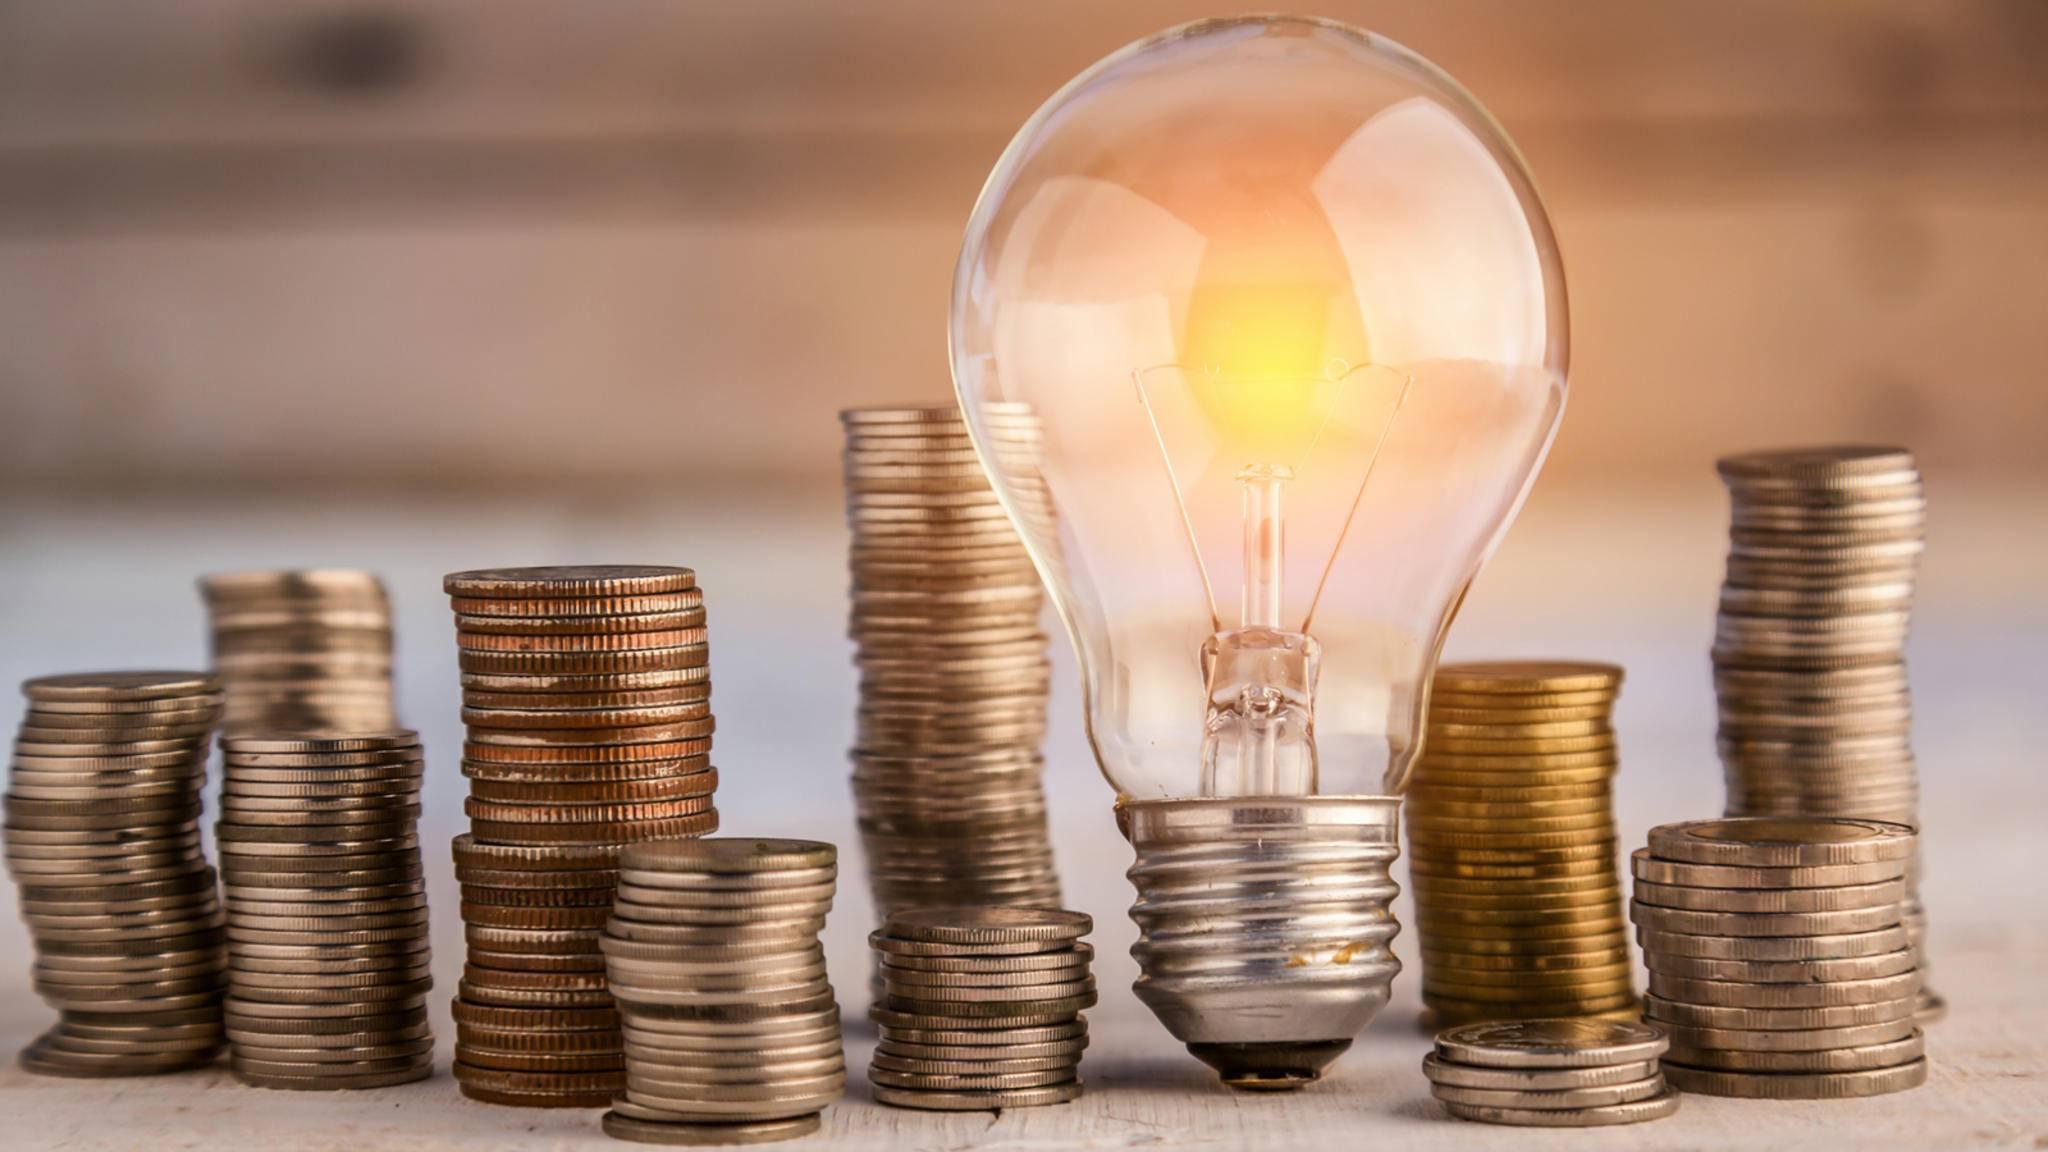 Wer zu Hause Energie sparen kann, schont nicht nur die Umwelt, sondern auch seinen Geldbeutel.